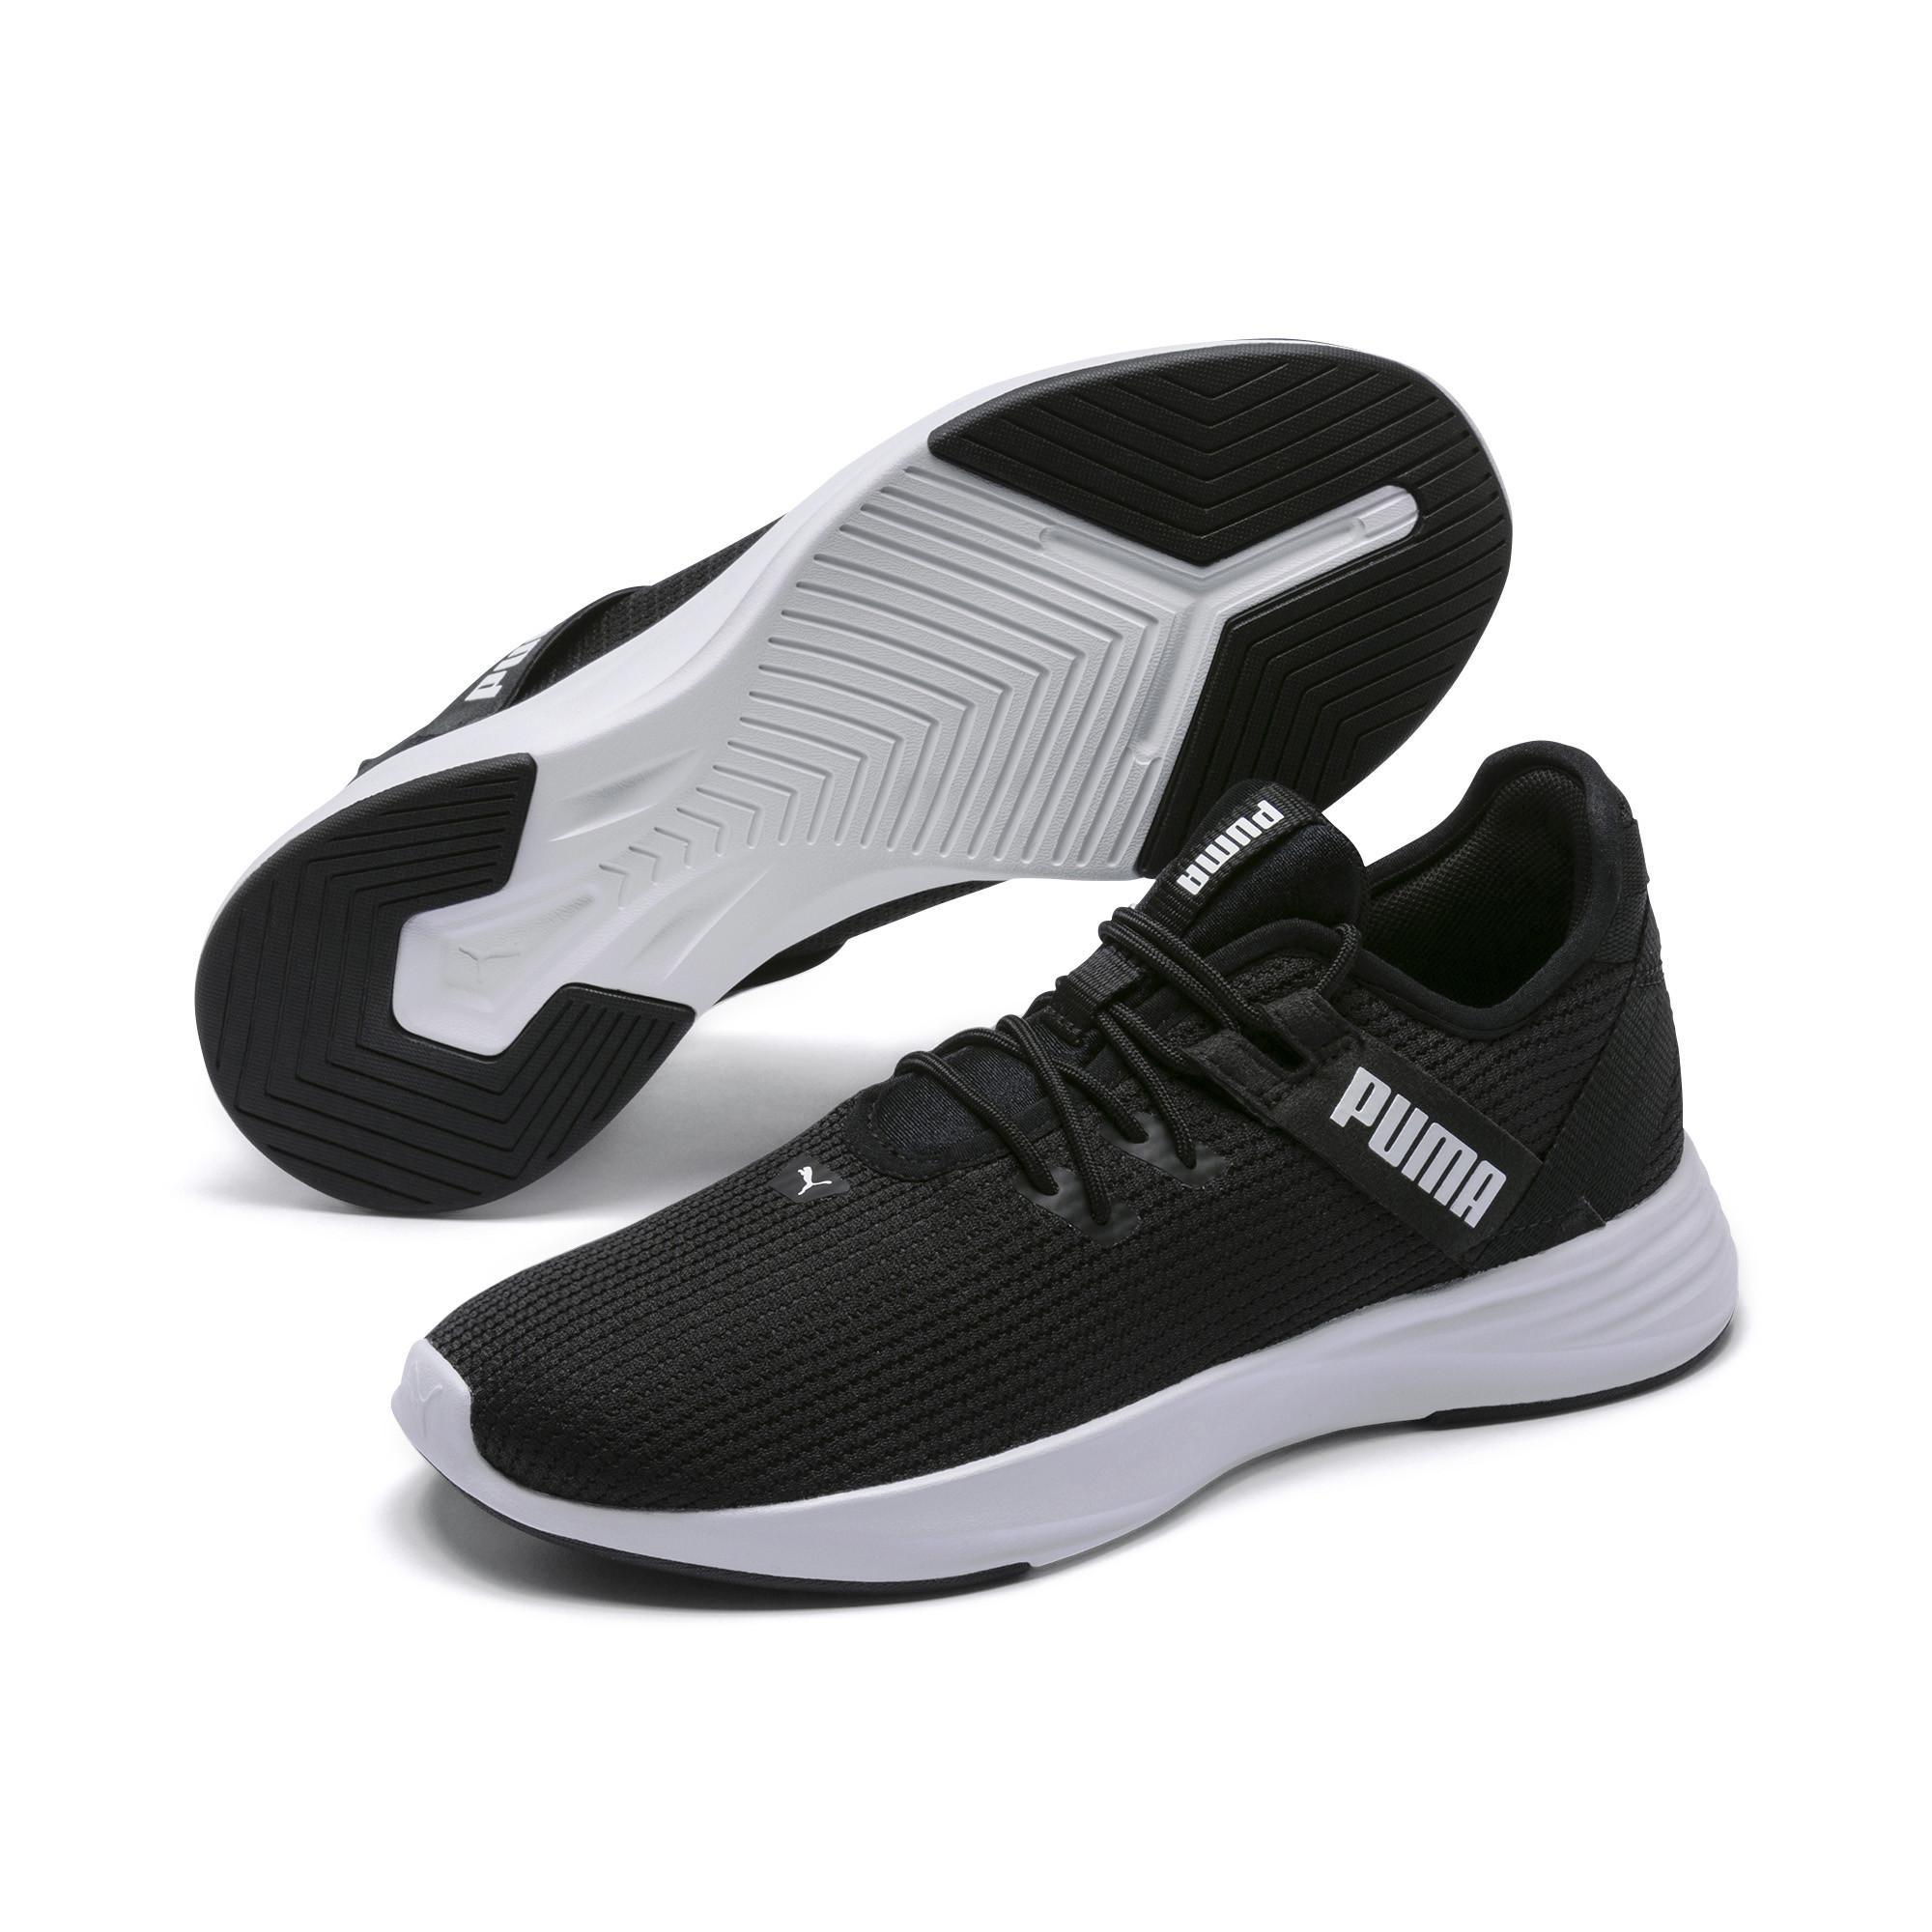 PUMA Radiate Xt Sneaker in Black - Lyst